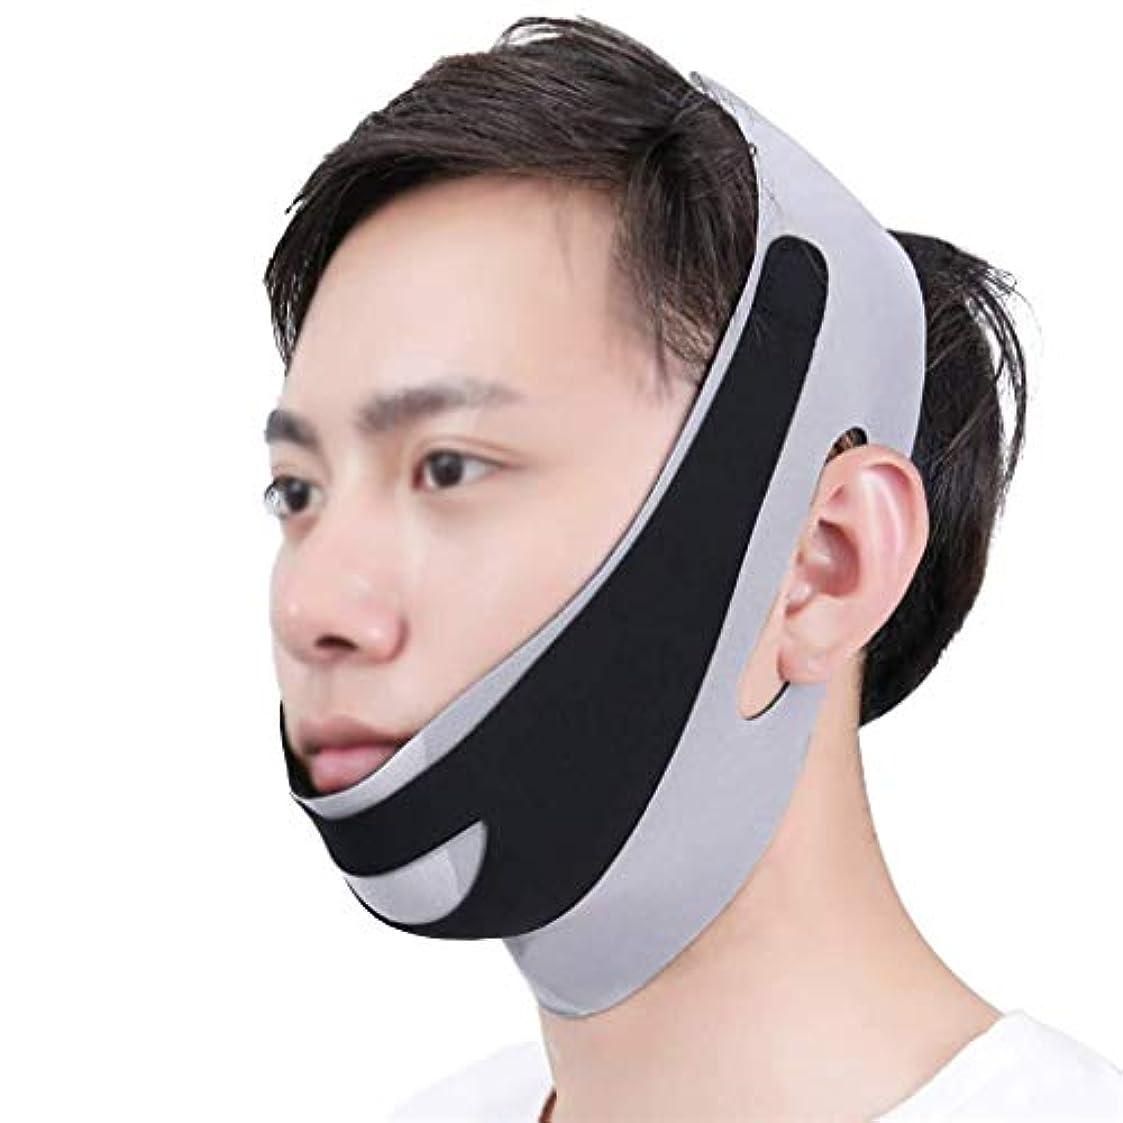 スプーン天才所得顔と首のリフト術後の弾性フェイスマスク小さなV顔アーティファクト薄い顔包帯アーティファクトV顔ぶら下げ耳リフティング引き締め男性の顔アーティファクト